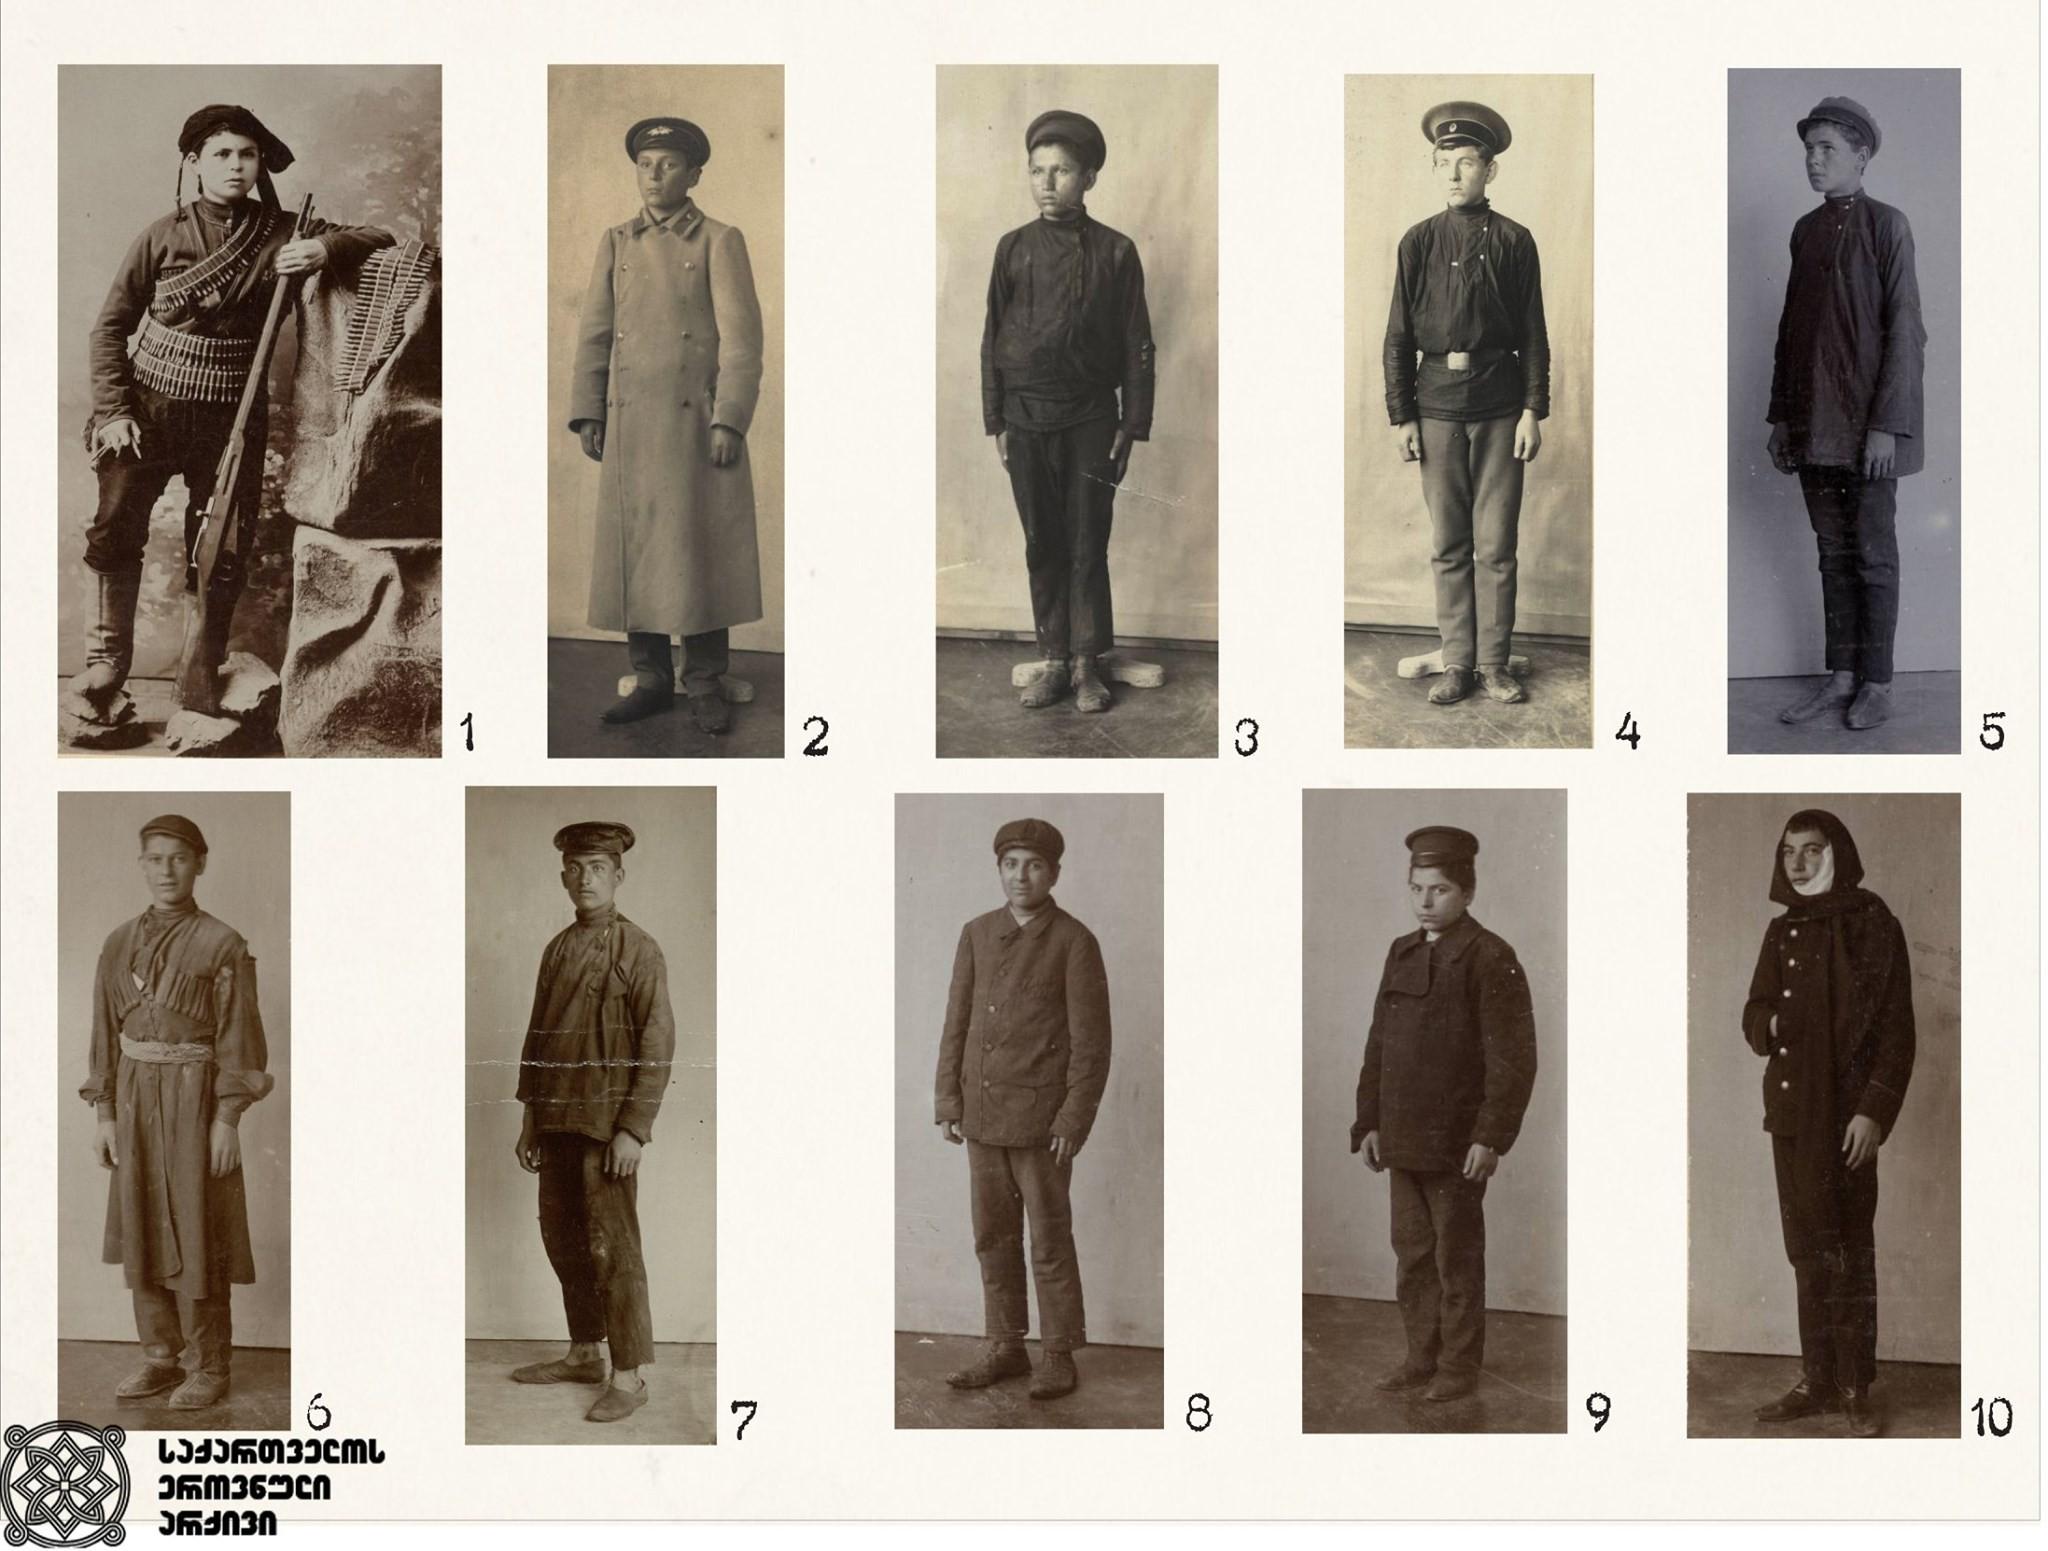 არასრულწლოვნები მე-20 საუკუნის დასაწყისში შევსებული ჟანდარმერიის ბარათებიდან <br> Juveniles from early 20th century gendarmerie cards